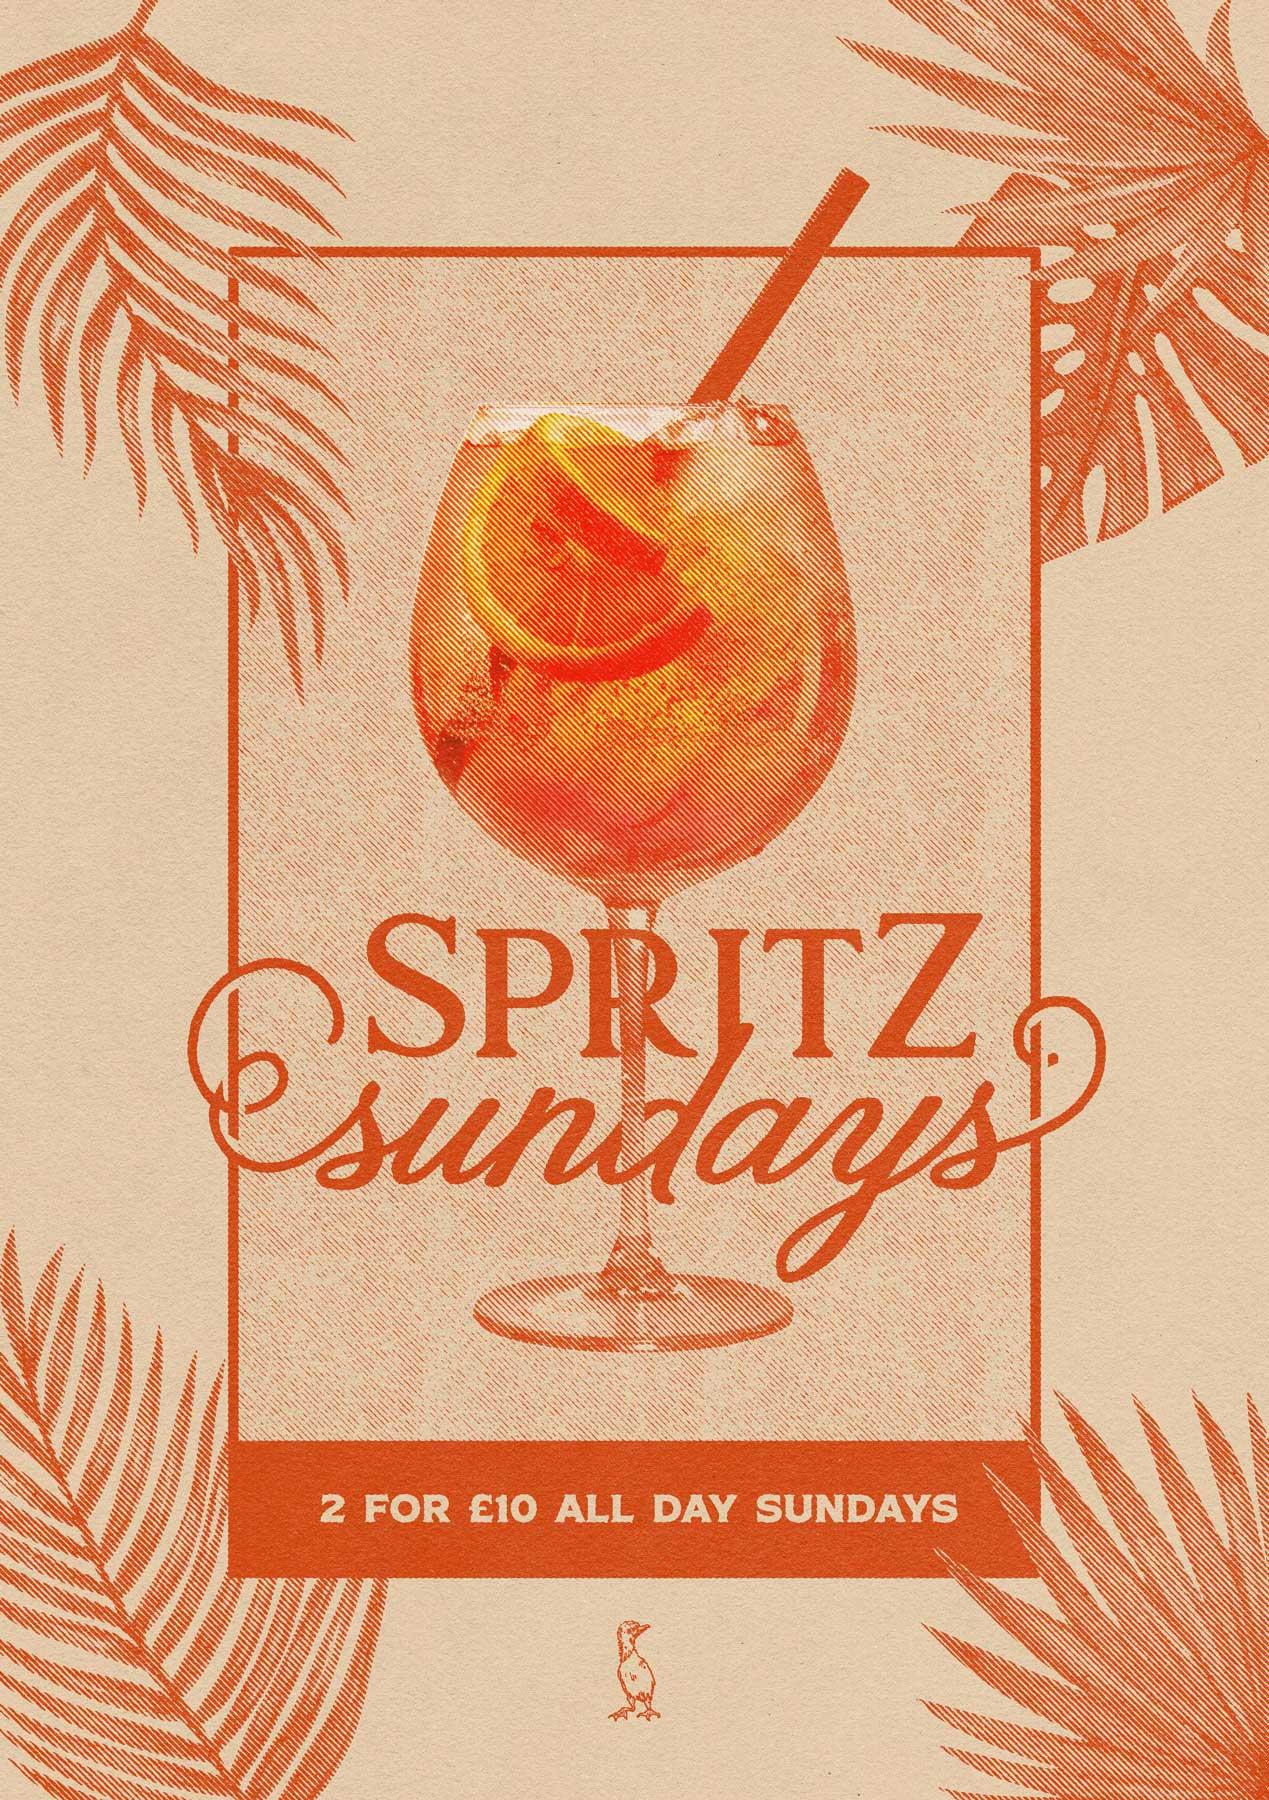 spritz-sundays-web.jpg